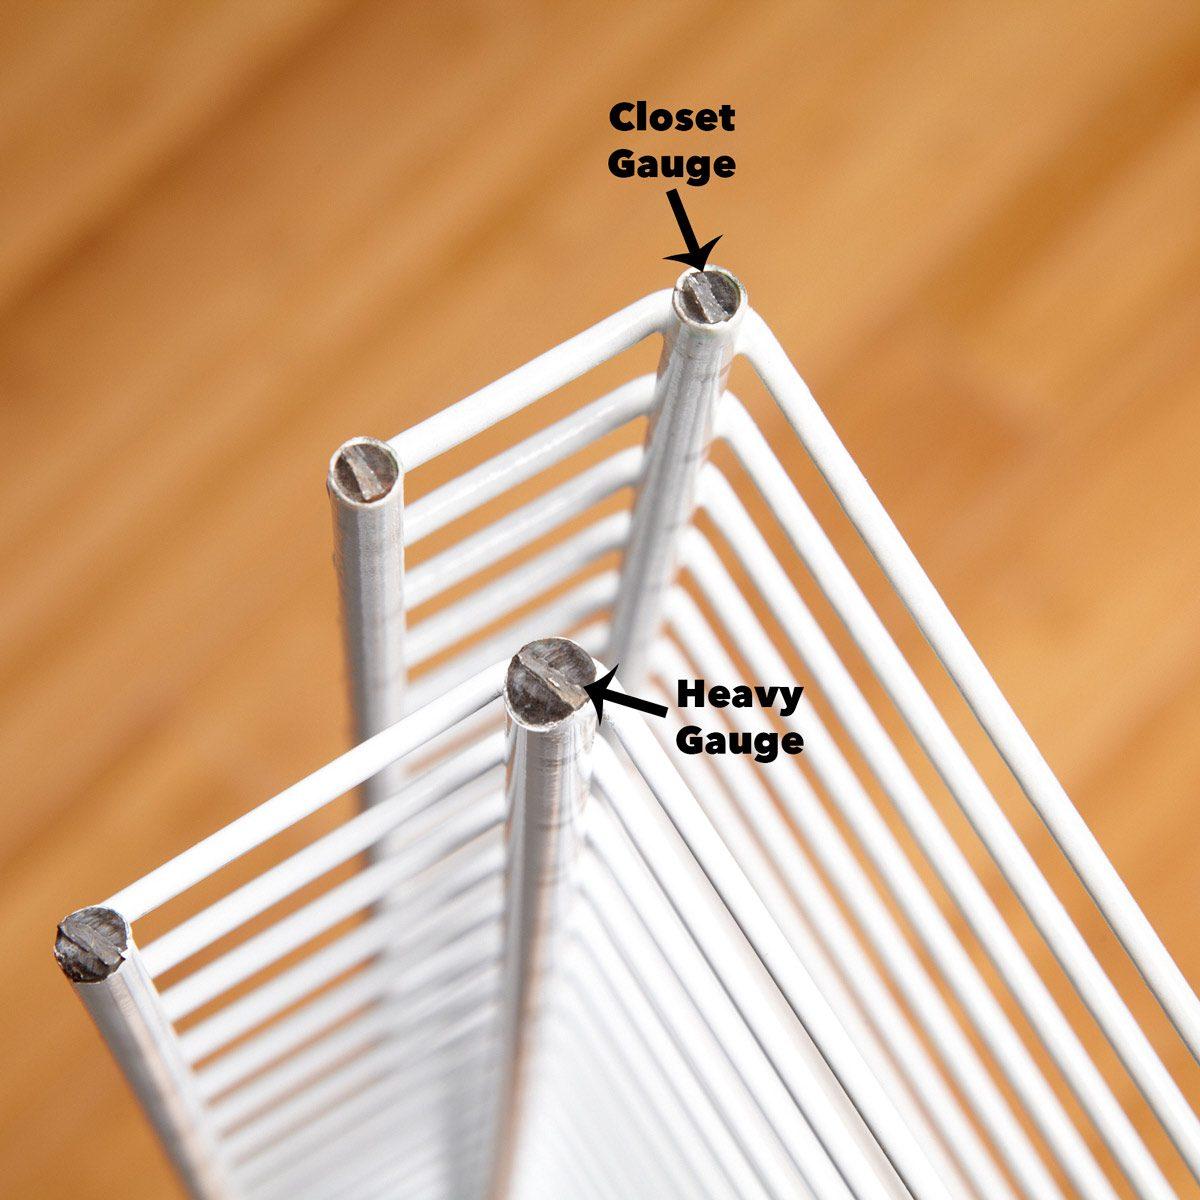 Closet gauge vs. heavy gauge wire shelves